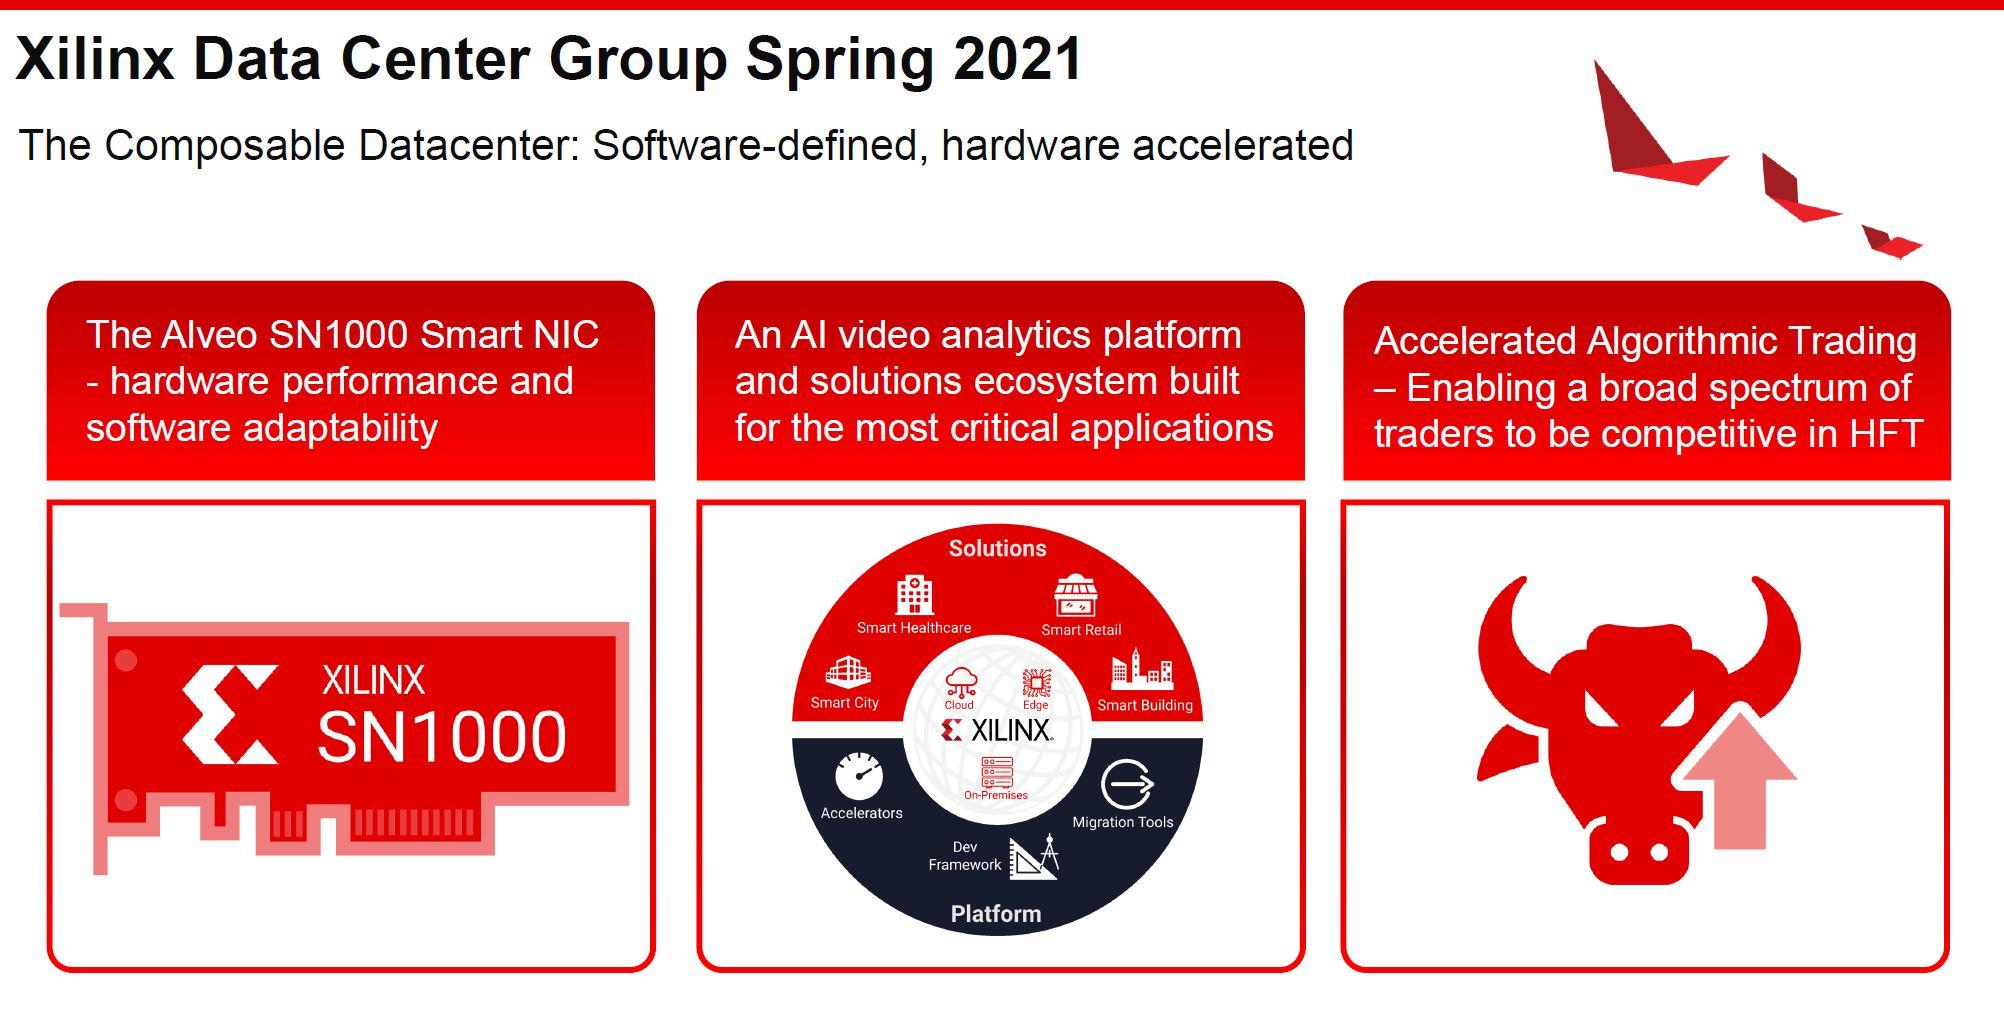 Xilinx DCG Spring 2021